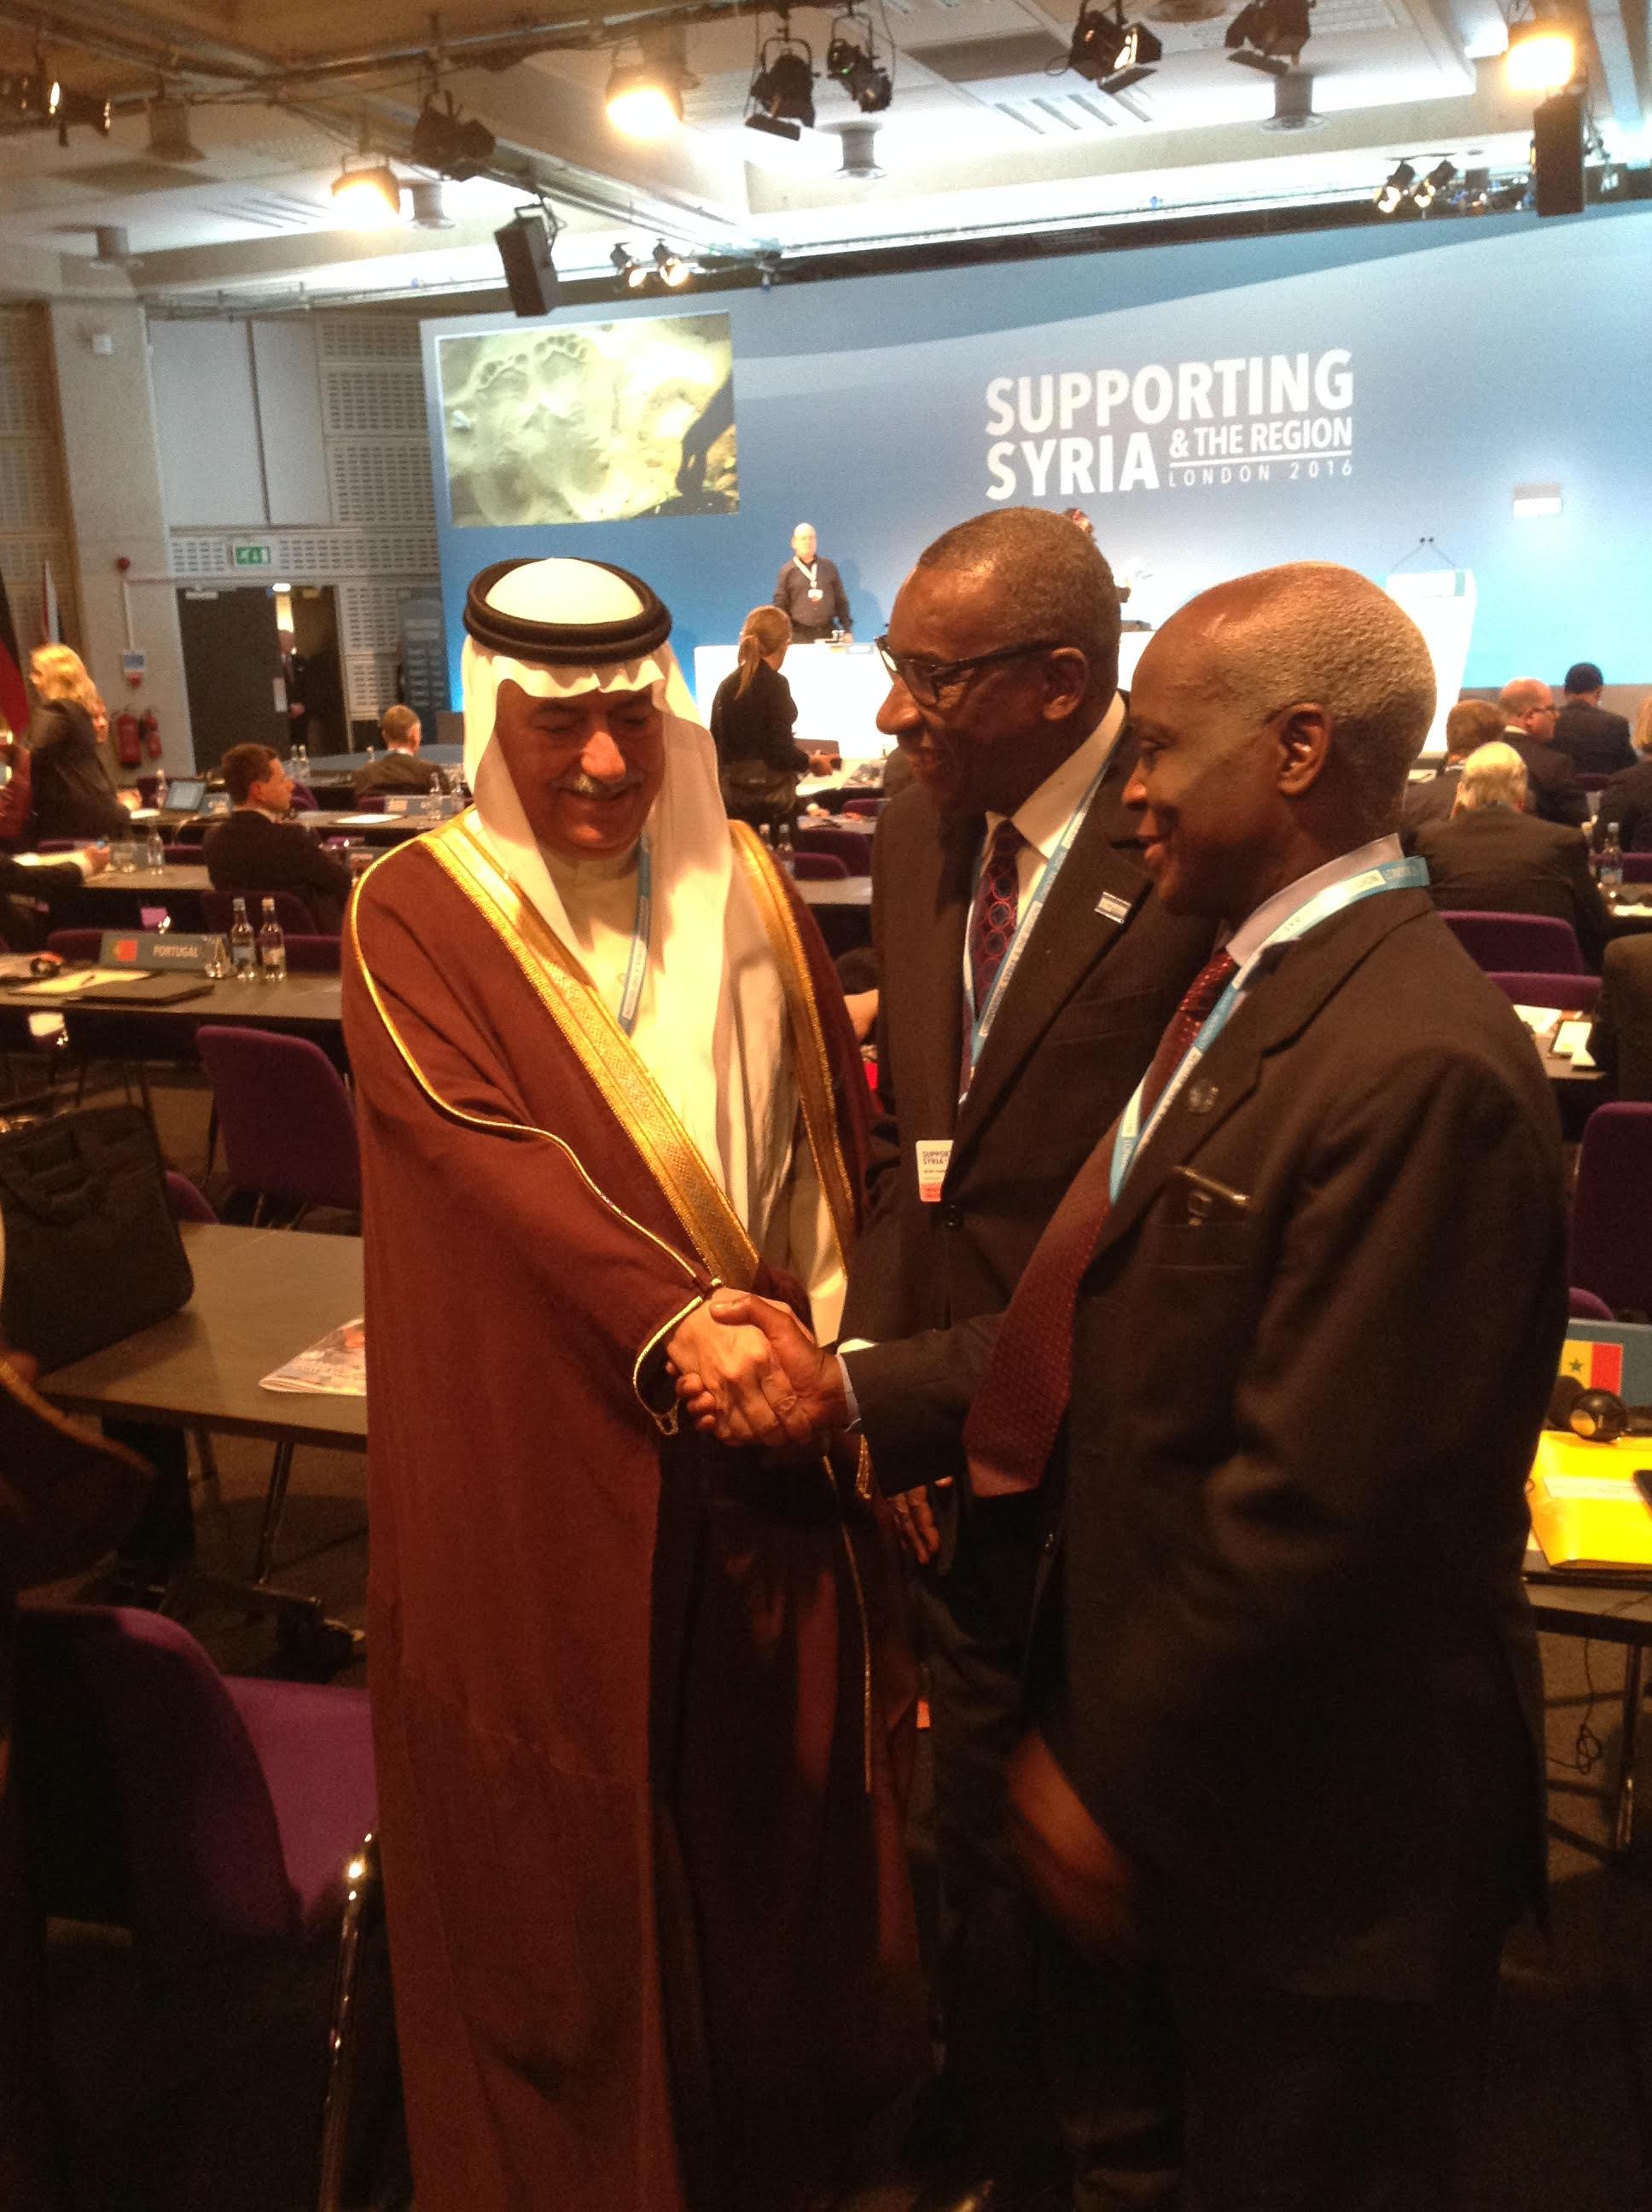 Le ministre de la Justice aux pourparlers sur la Syrie à Genève: Le Sénégal plaide pour une paix reconstructive